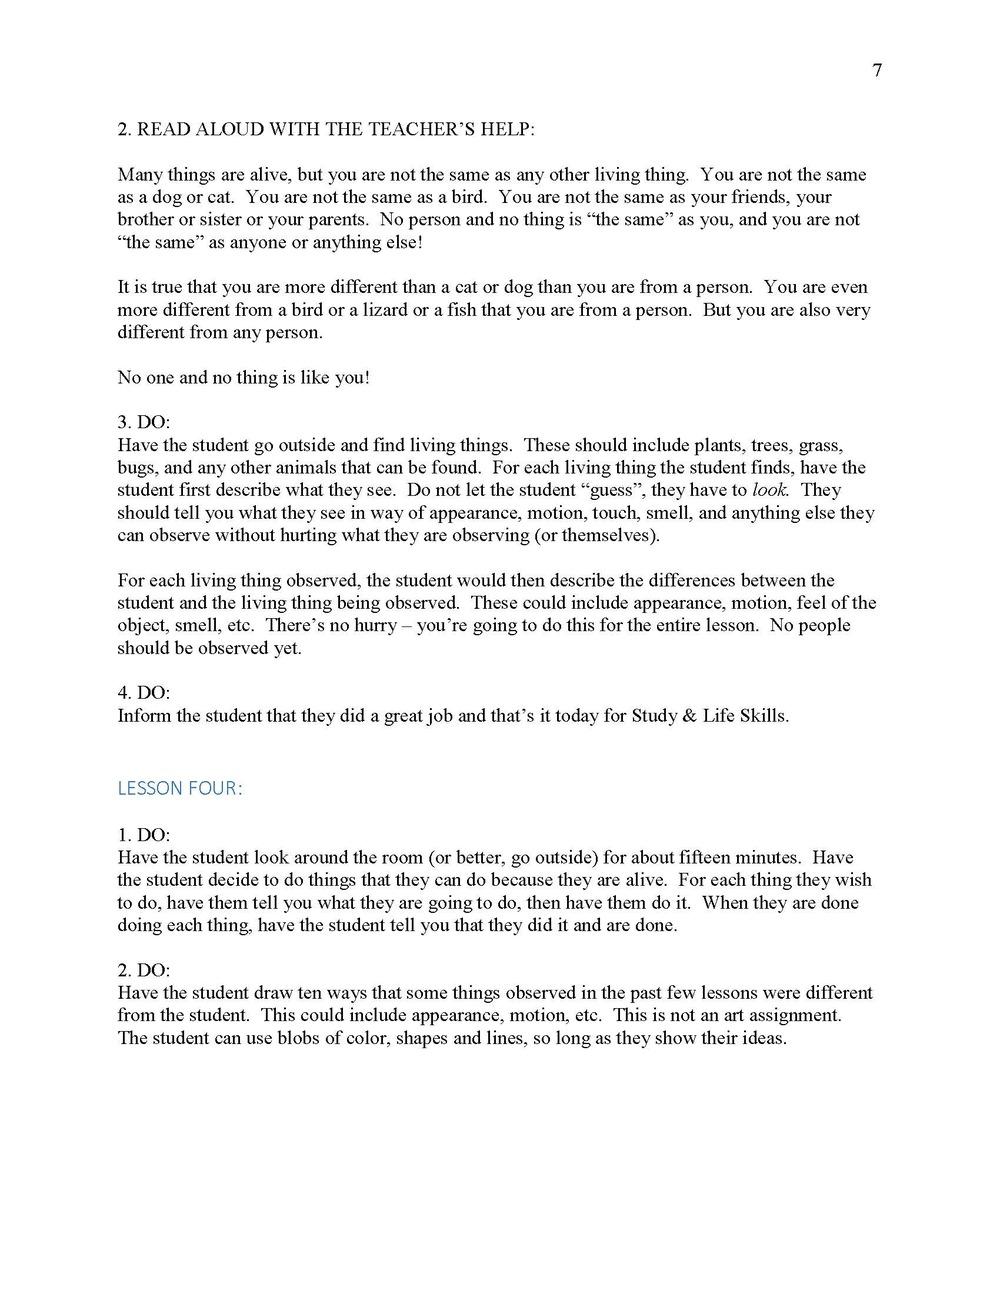 Step 1 Study & Life Skills 8 - Your Life_Page_08.jpg